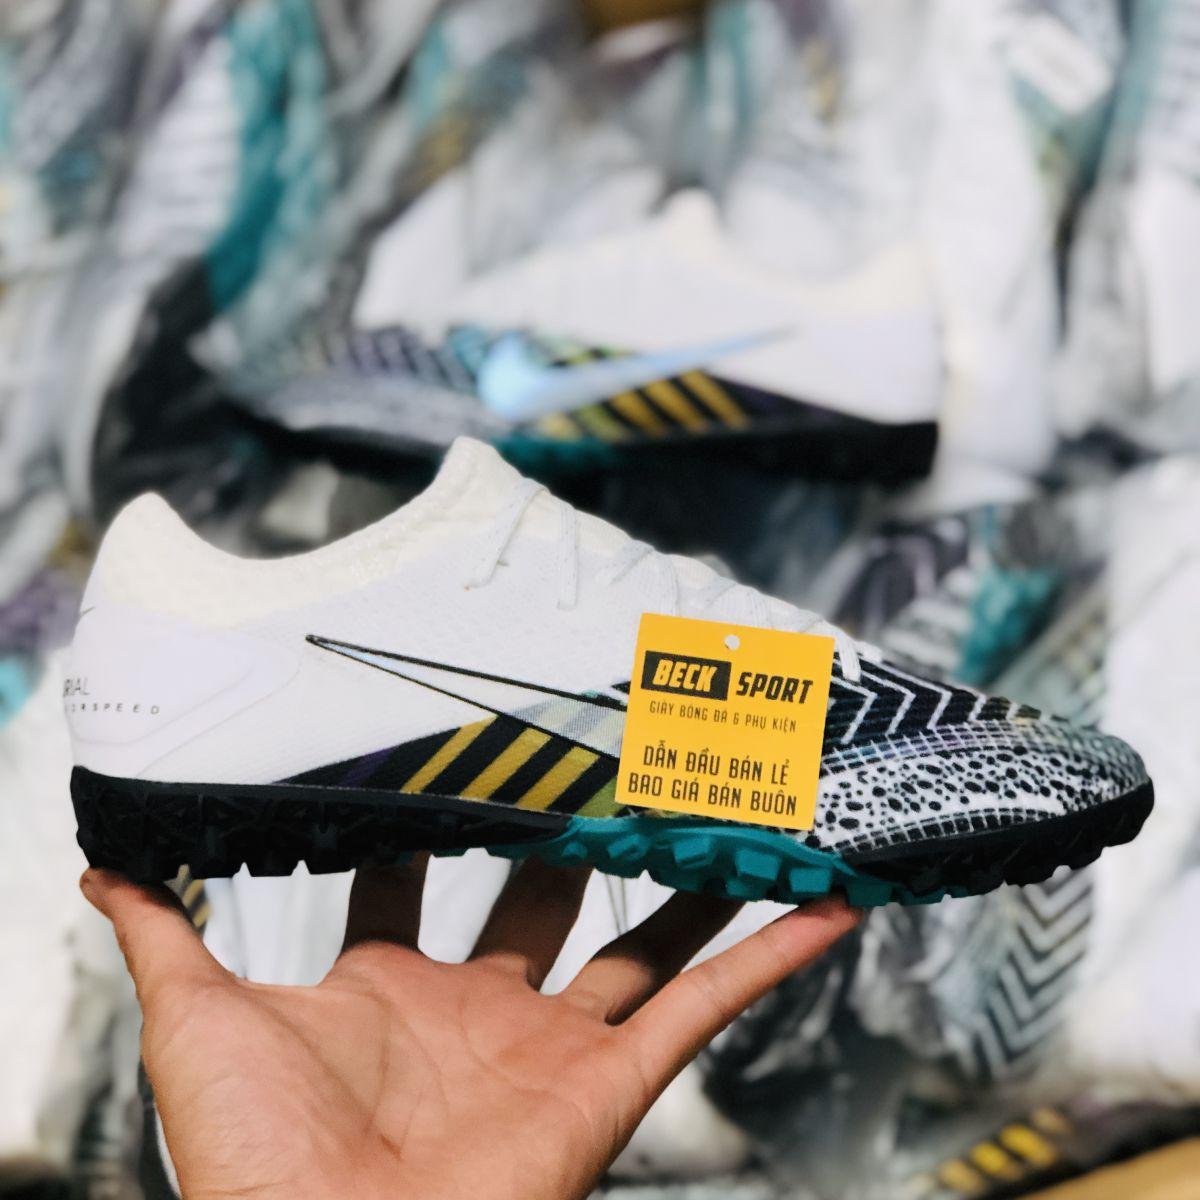 Giày Bóng Đá Nike Mercurial Vapor 13 Pro MDS003 Trắng Mũi Đen Cổ Lửng TF